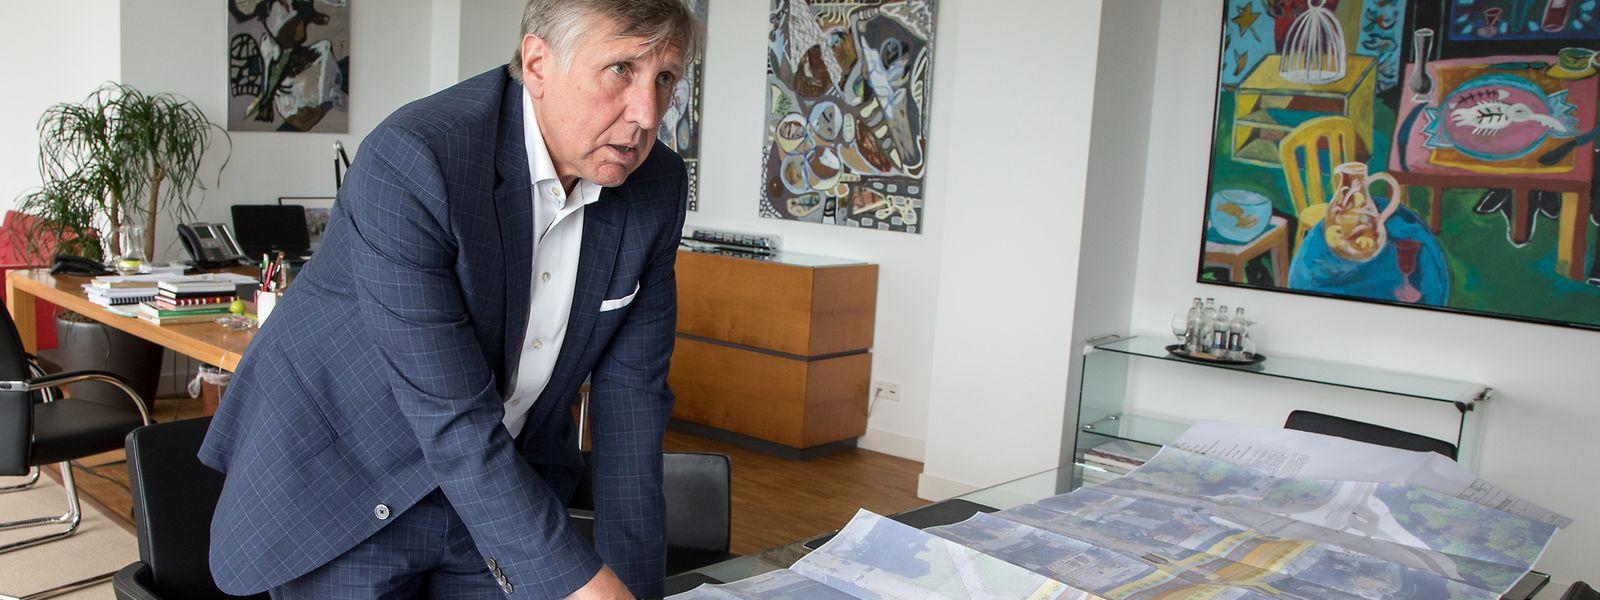 François Bausch, ministre de la Mobilité (Déi Gréng), envisage «de présenter, «voire de faire voter d'ici la fin de la législature» les lois de financement sur les extensions du tram.